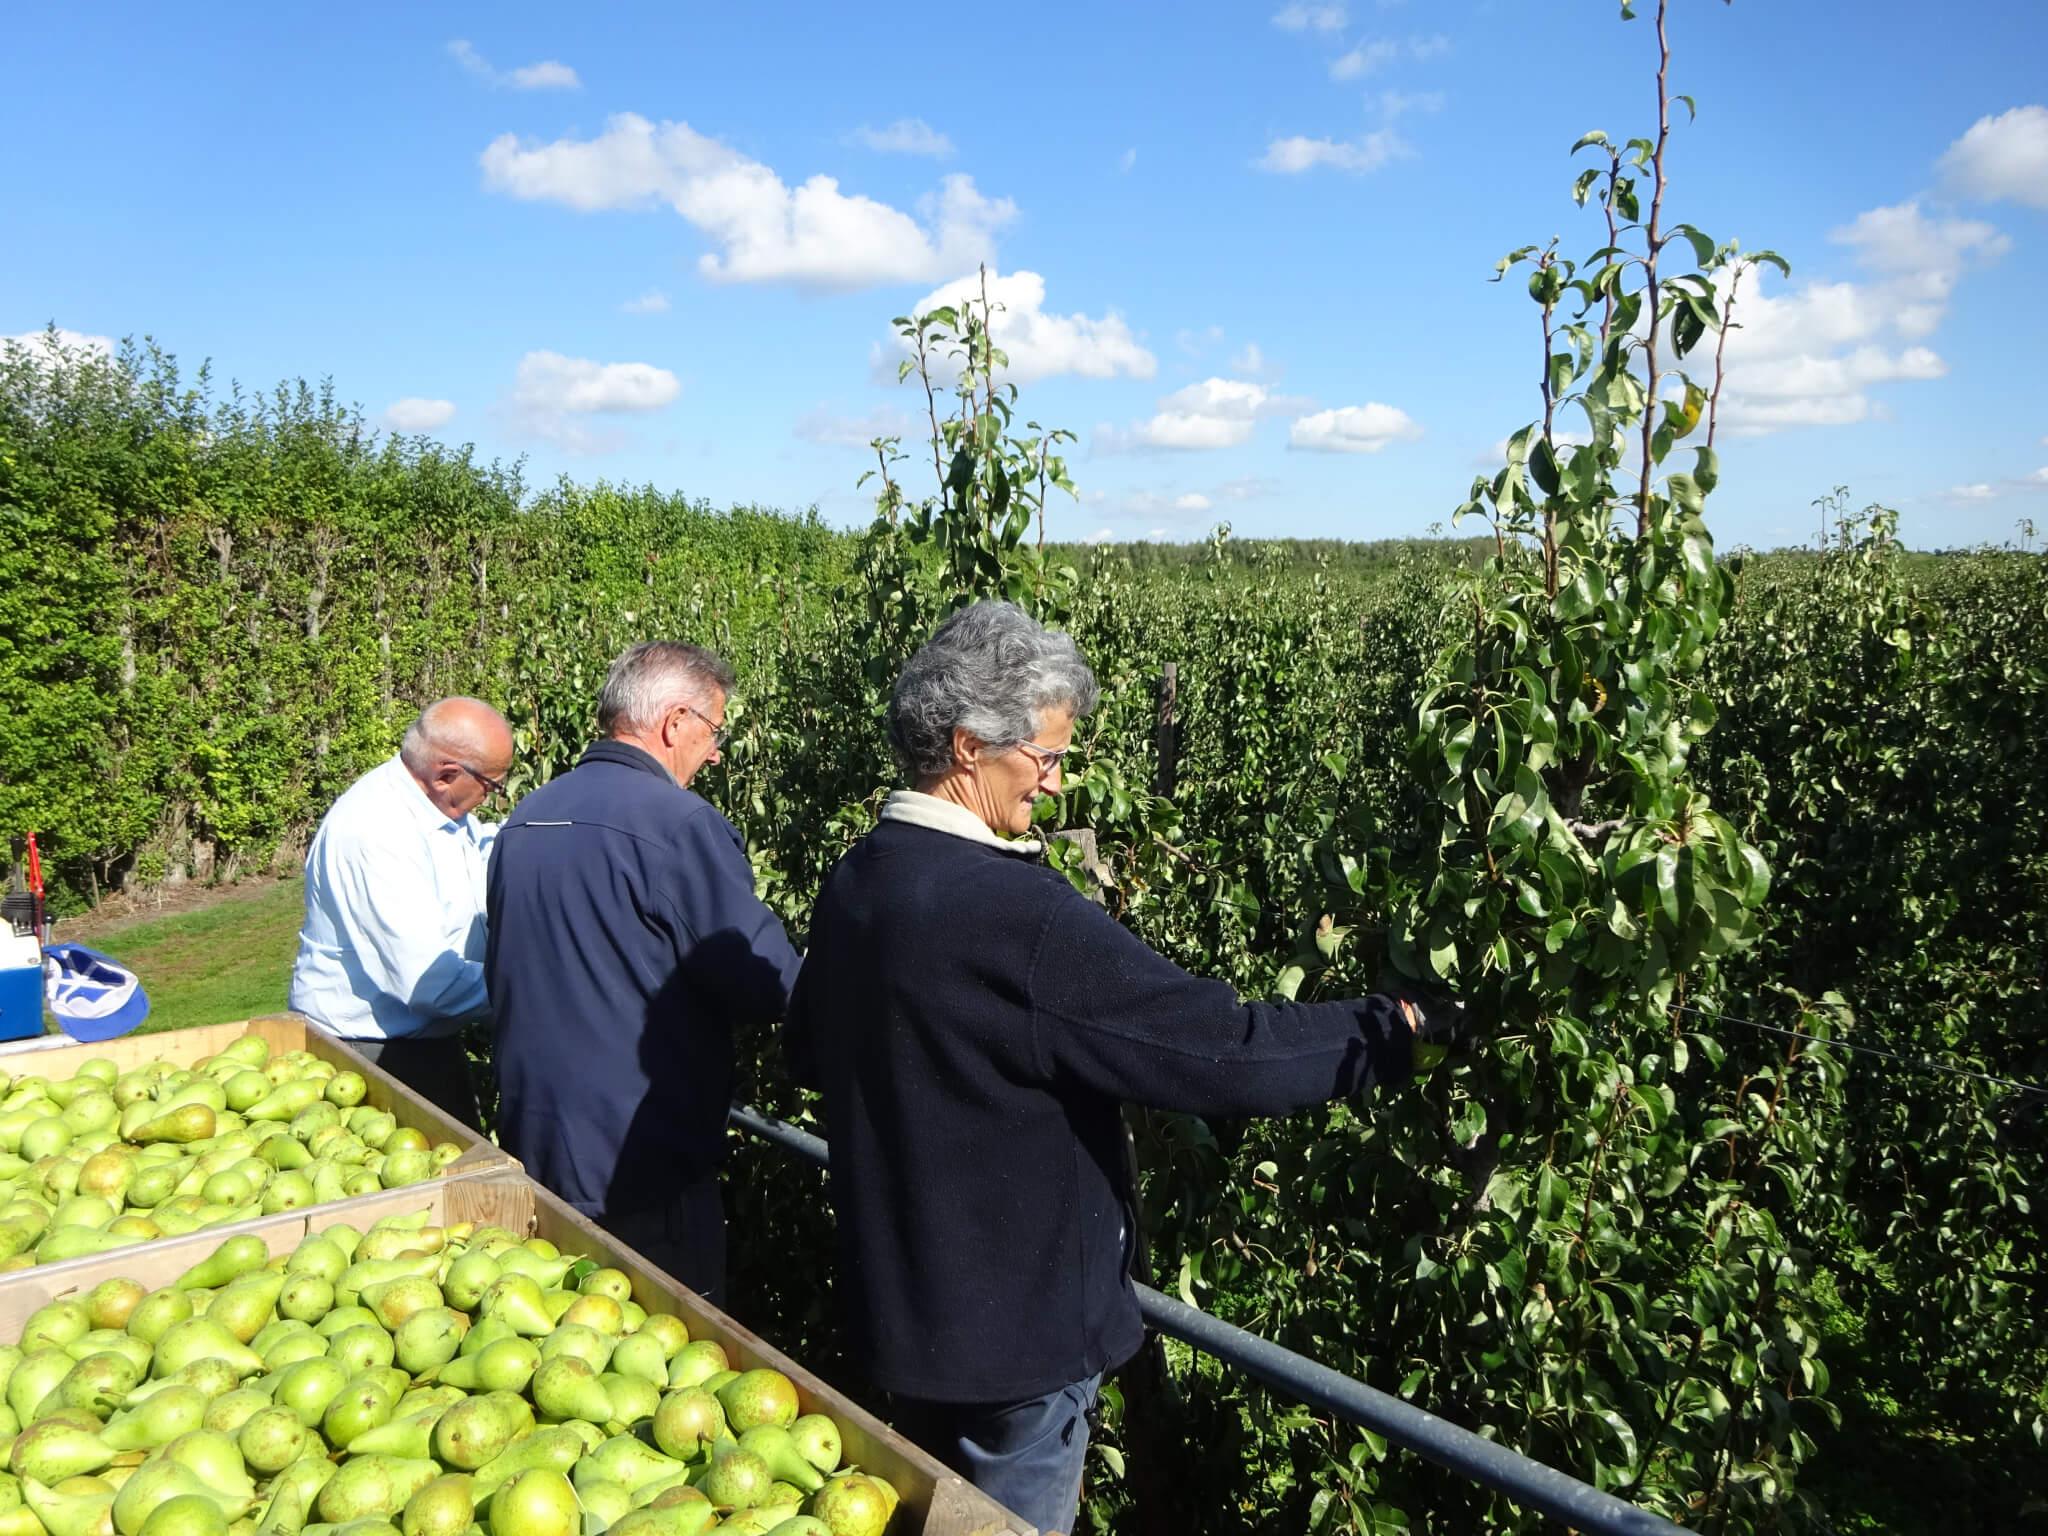 Fruitbedrijf Van den Berge: Hoogwerker pluk